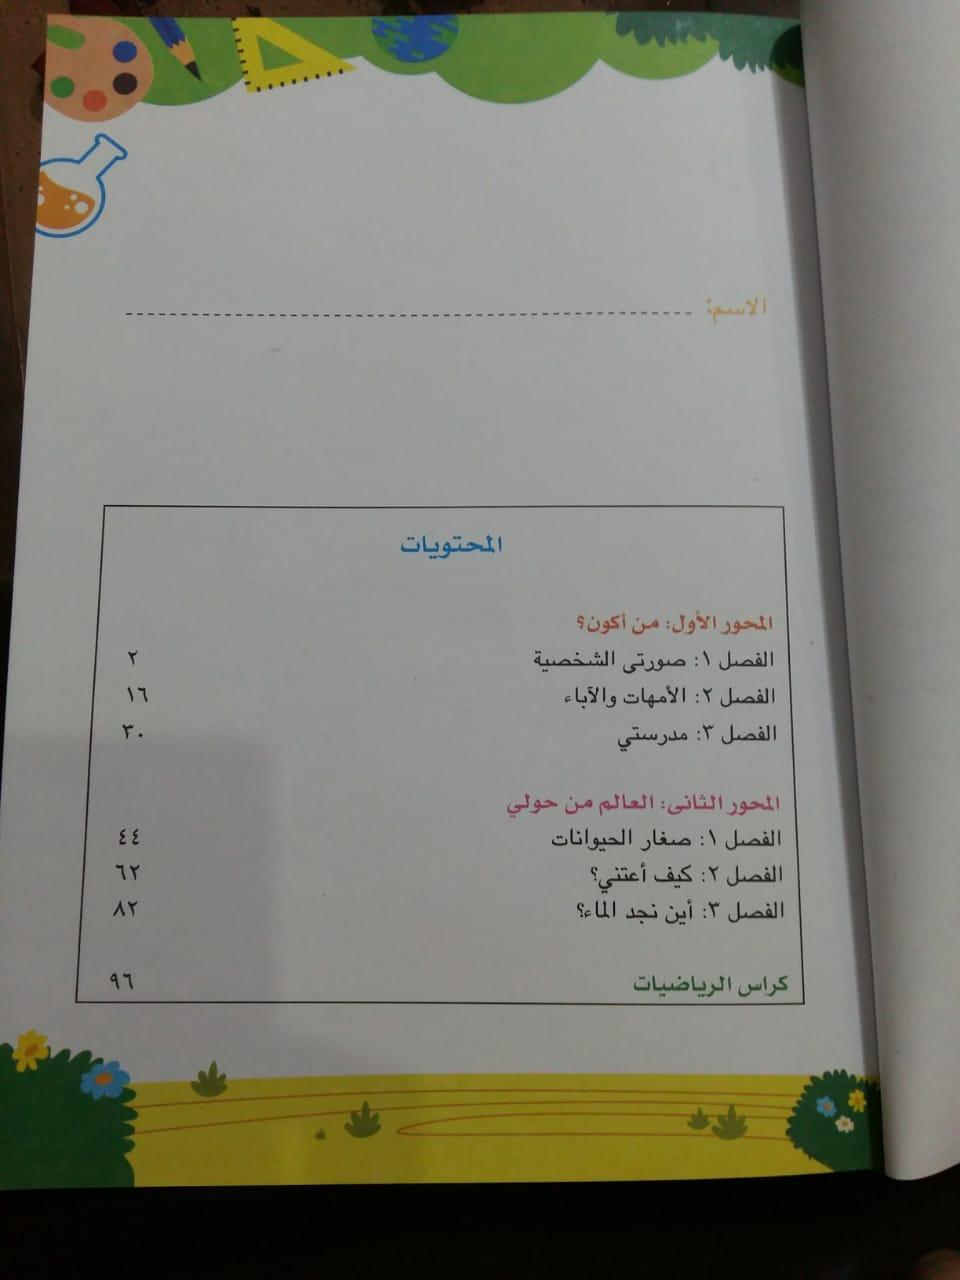 منهج رياض الأطفال الجديد (67)